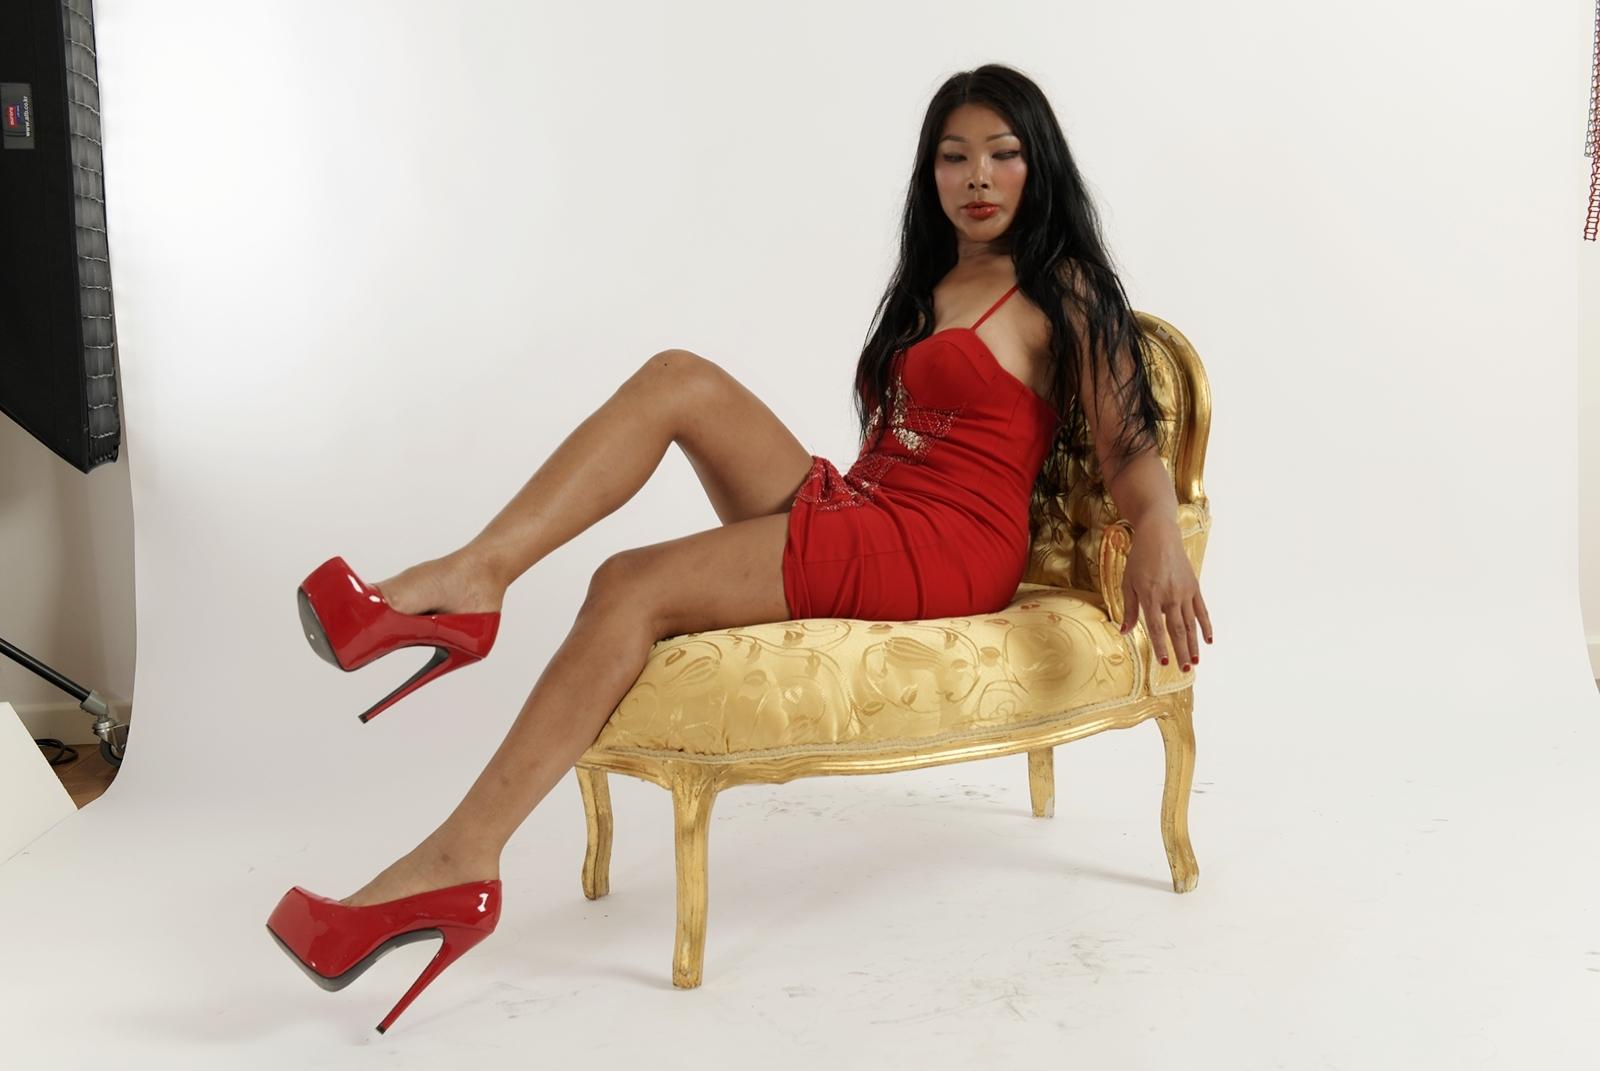 Nikki Thai attrice fotomodella thailandese che conquista